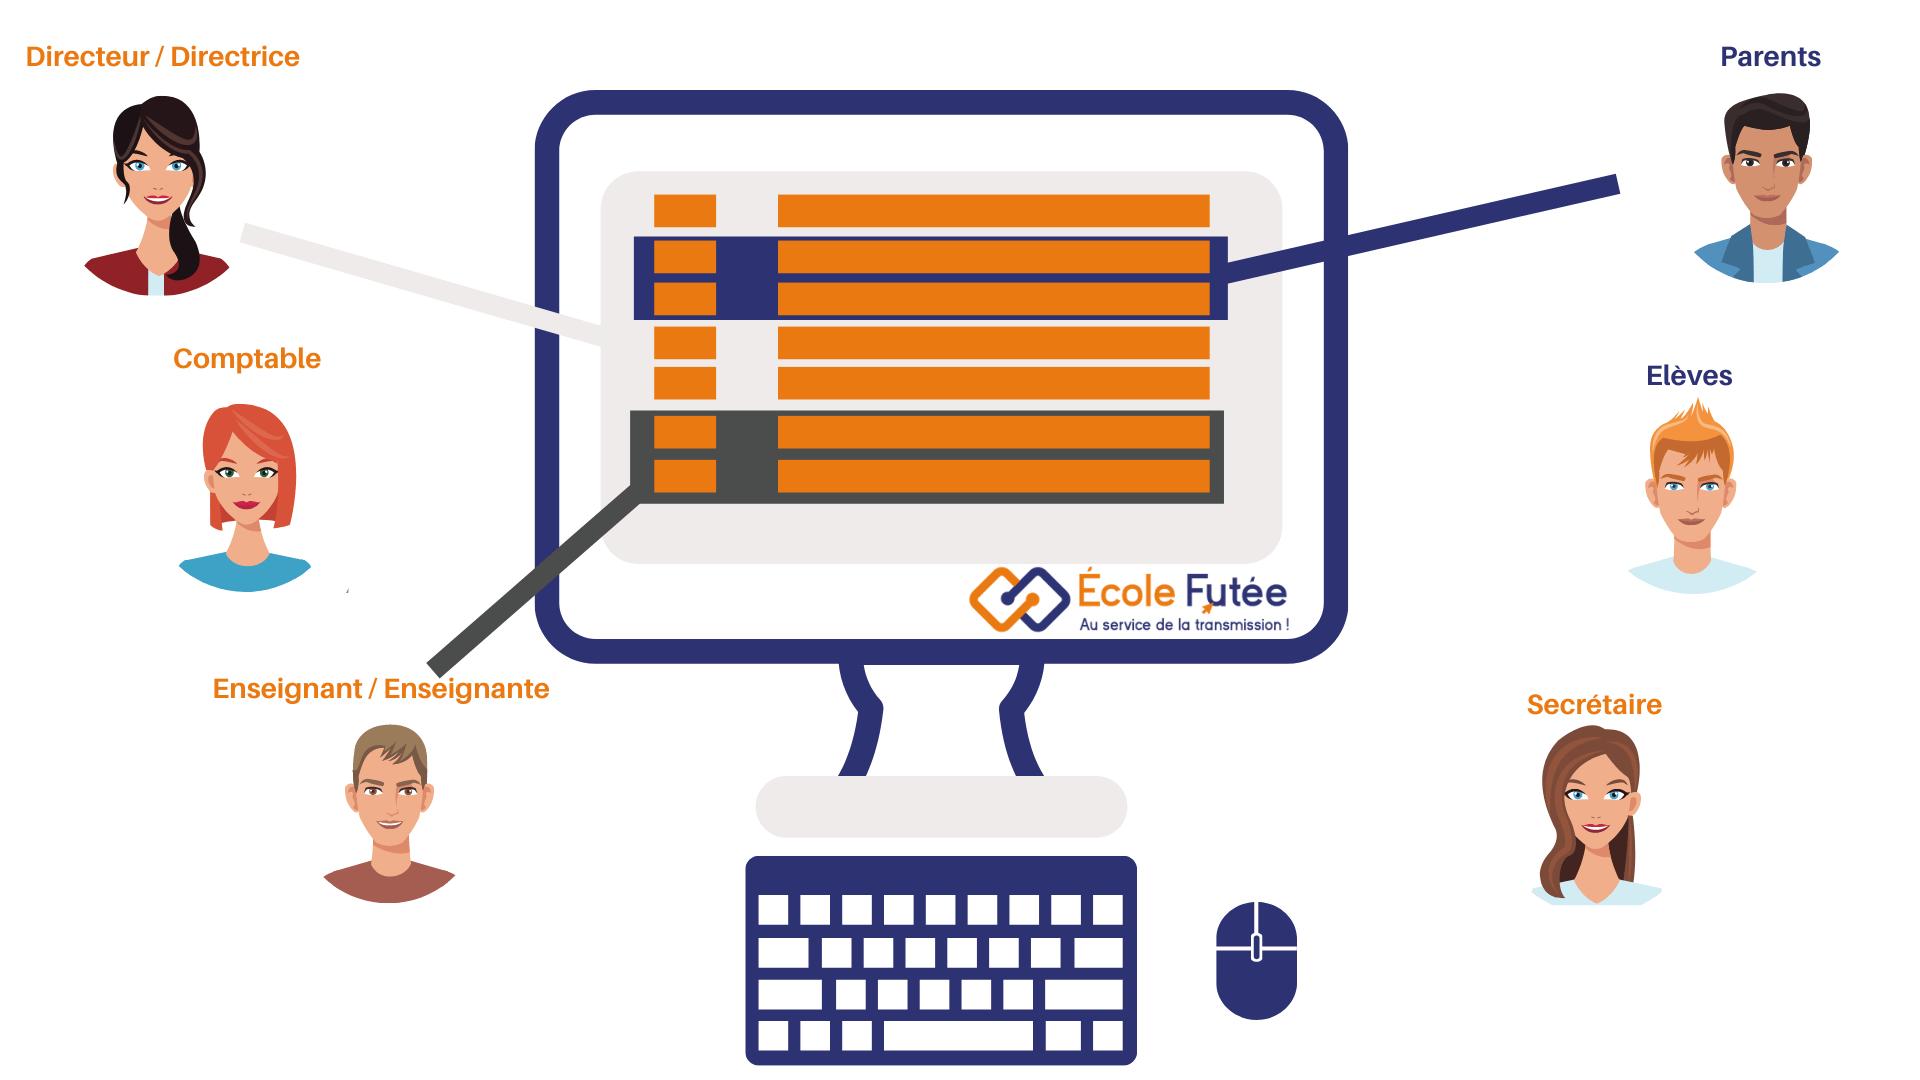 logiciel de gestion scolaire avec accès différenciés par rôle